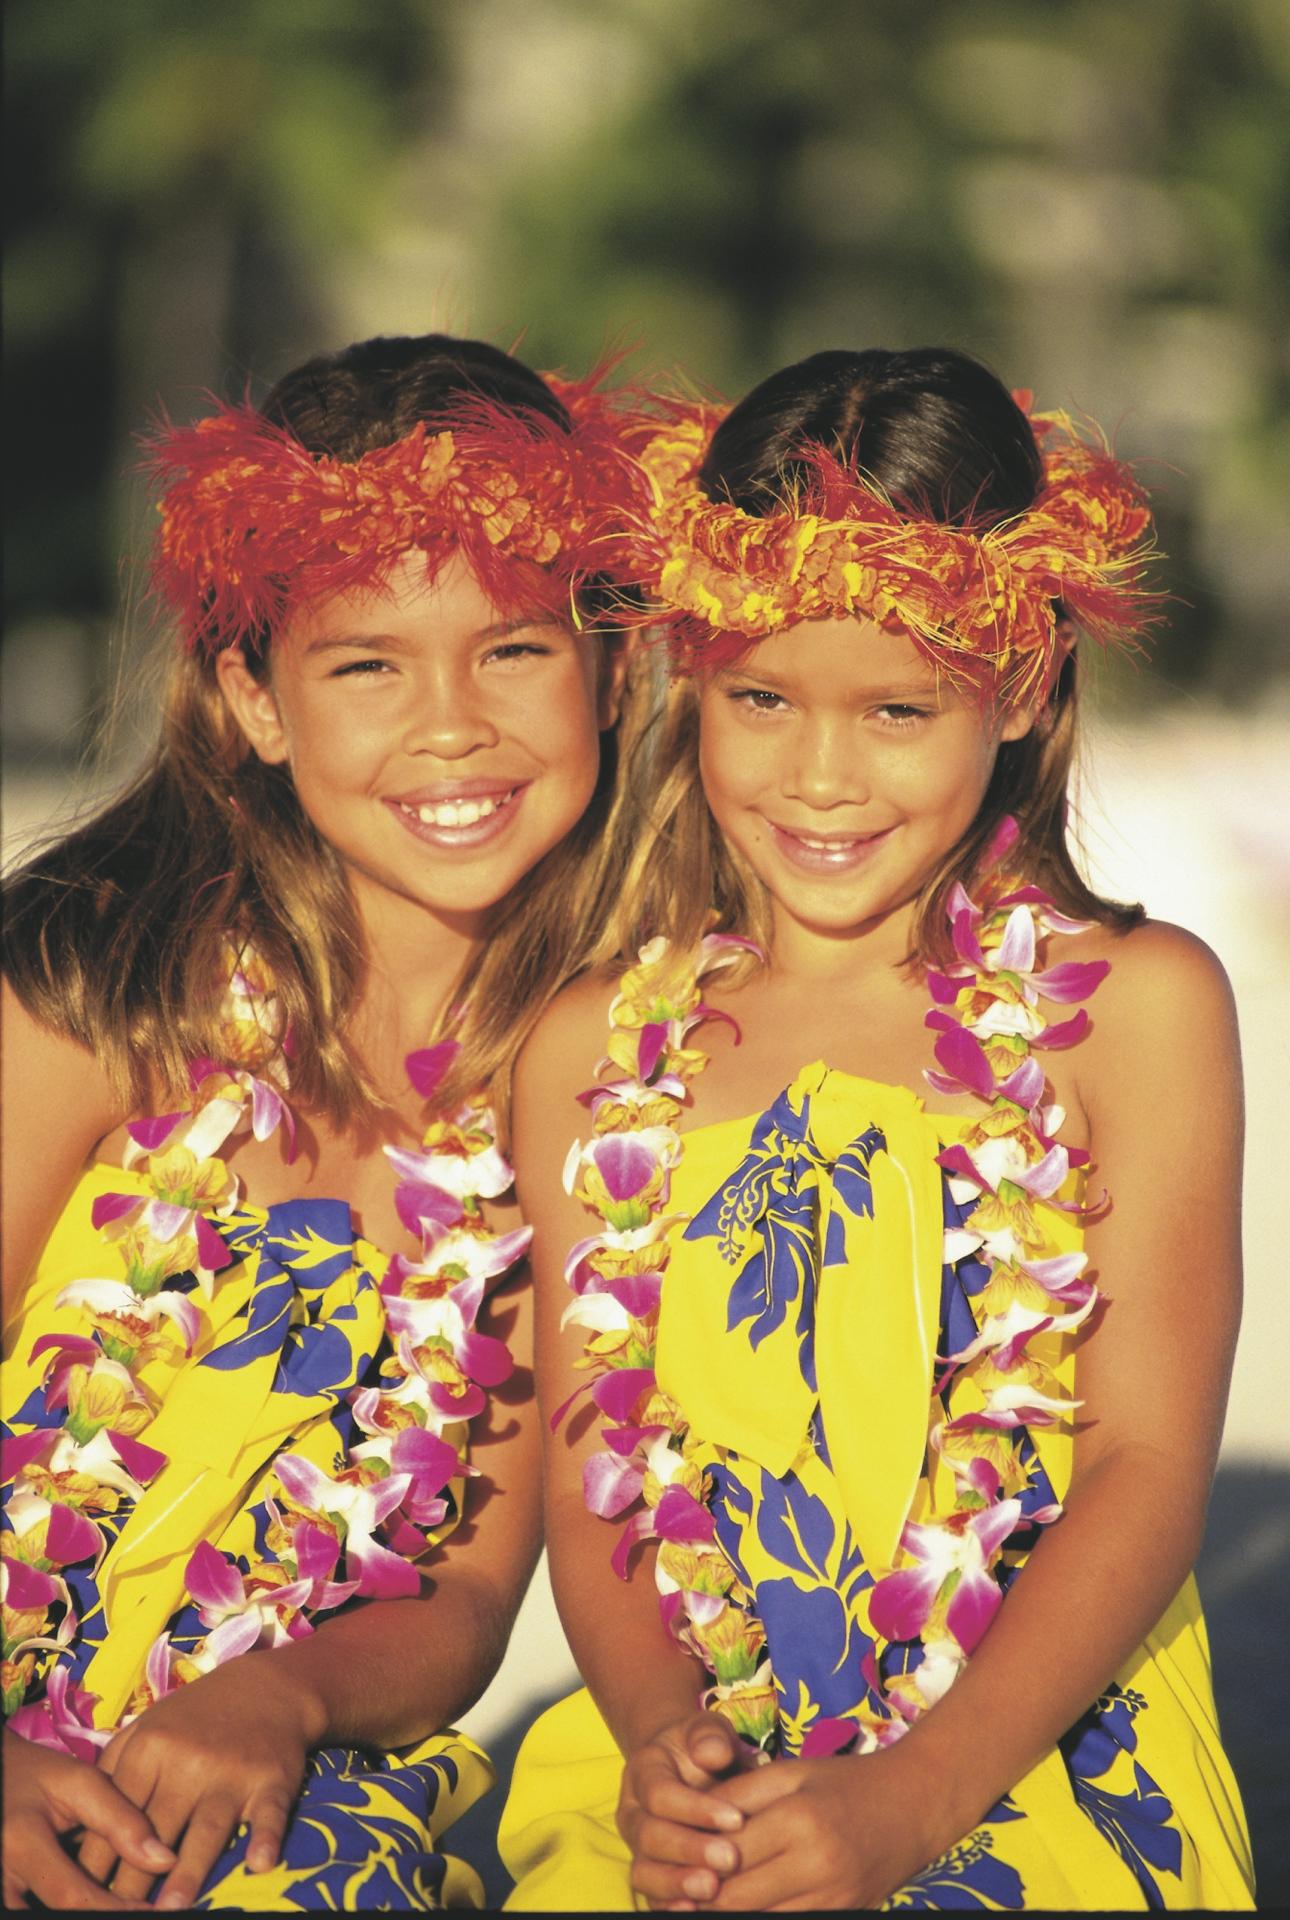 Mädchen mit Blumenkranz und -kette (Hawaii Tourism ©Sri Maiava Rusden